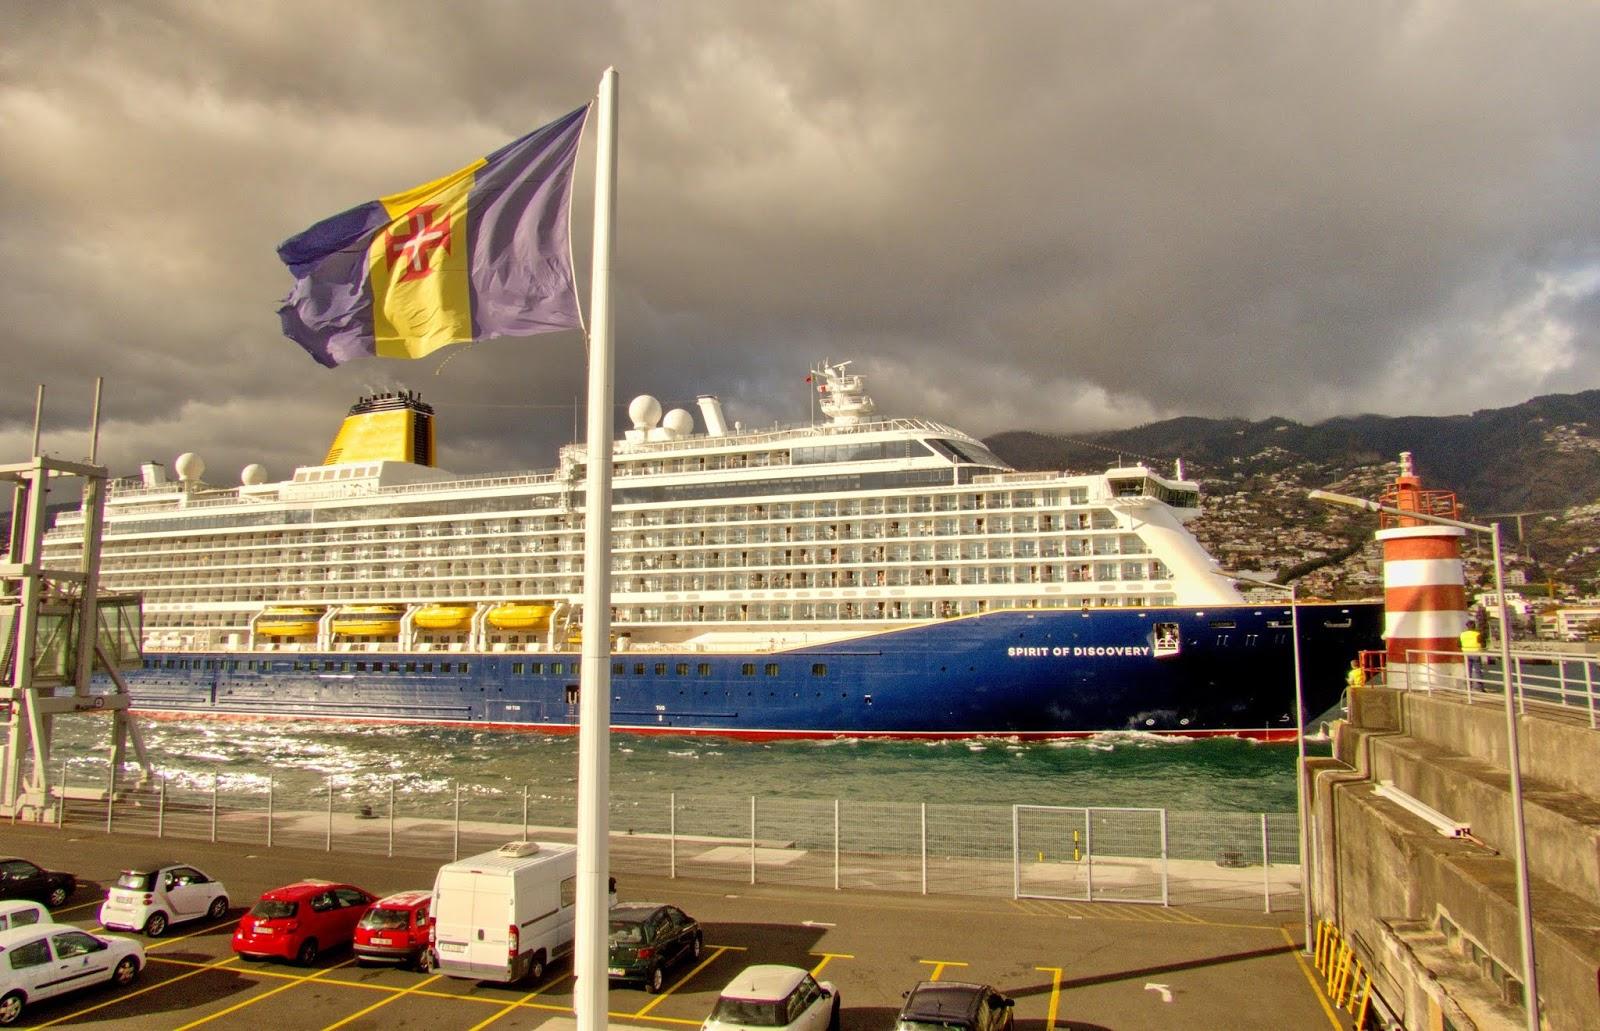 Spirit of Discovery estreia na Madeira